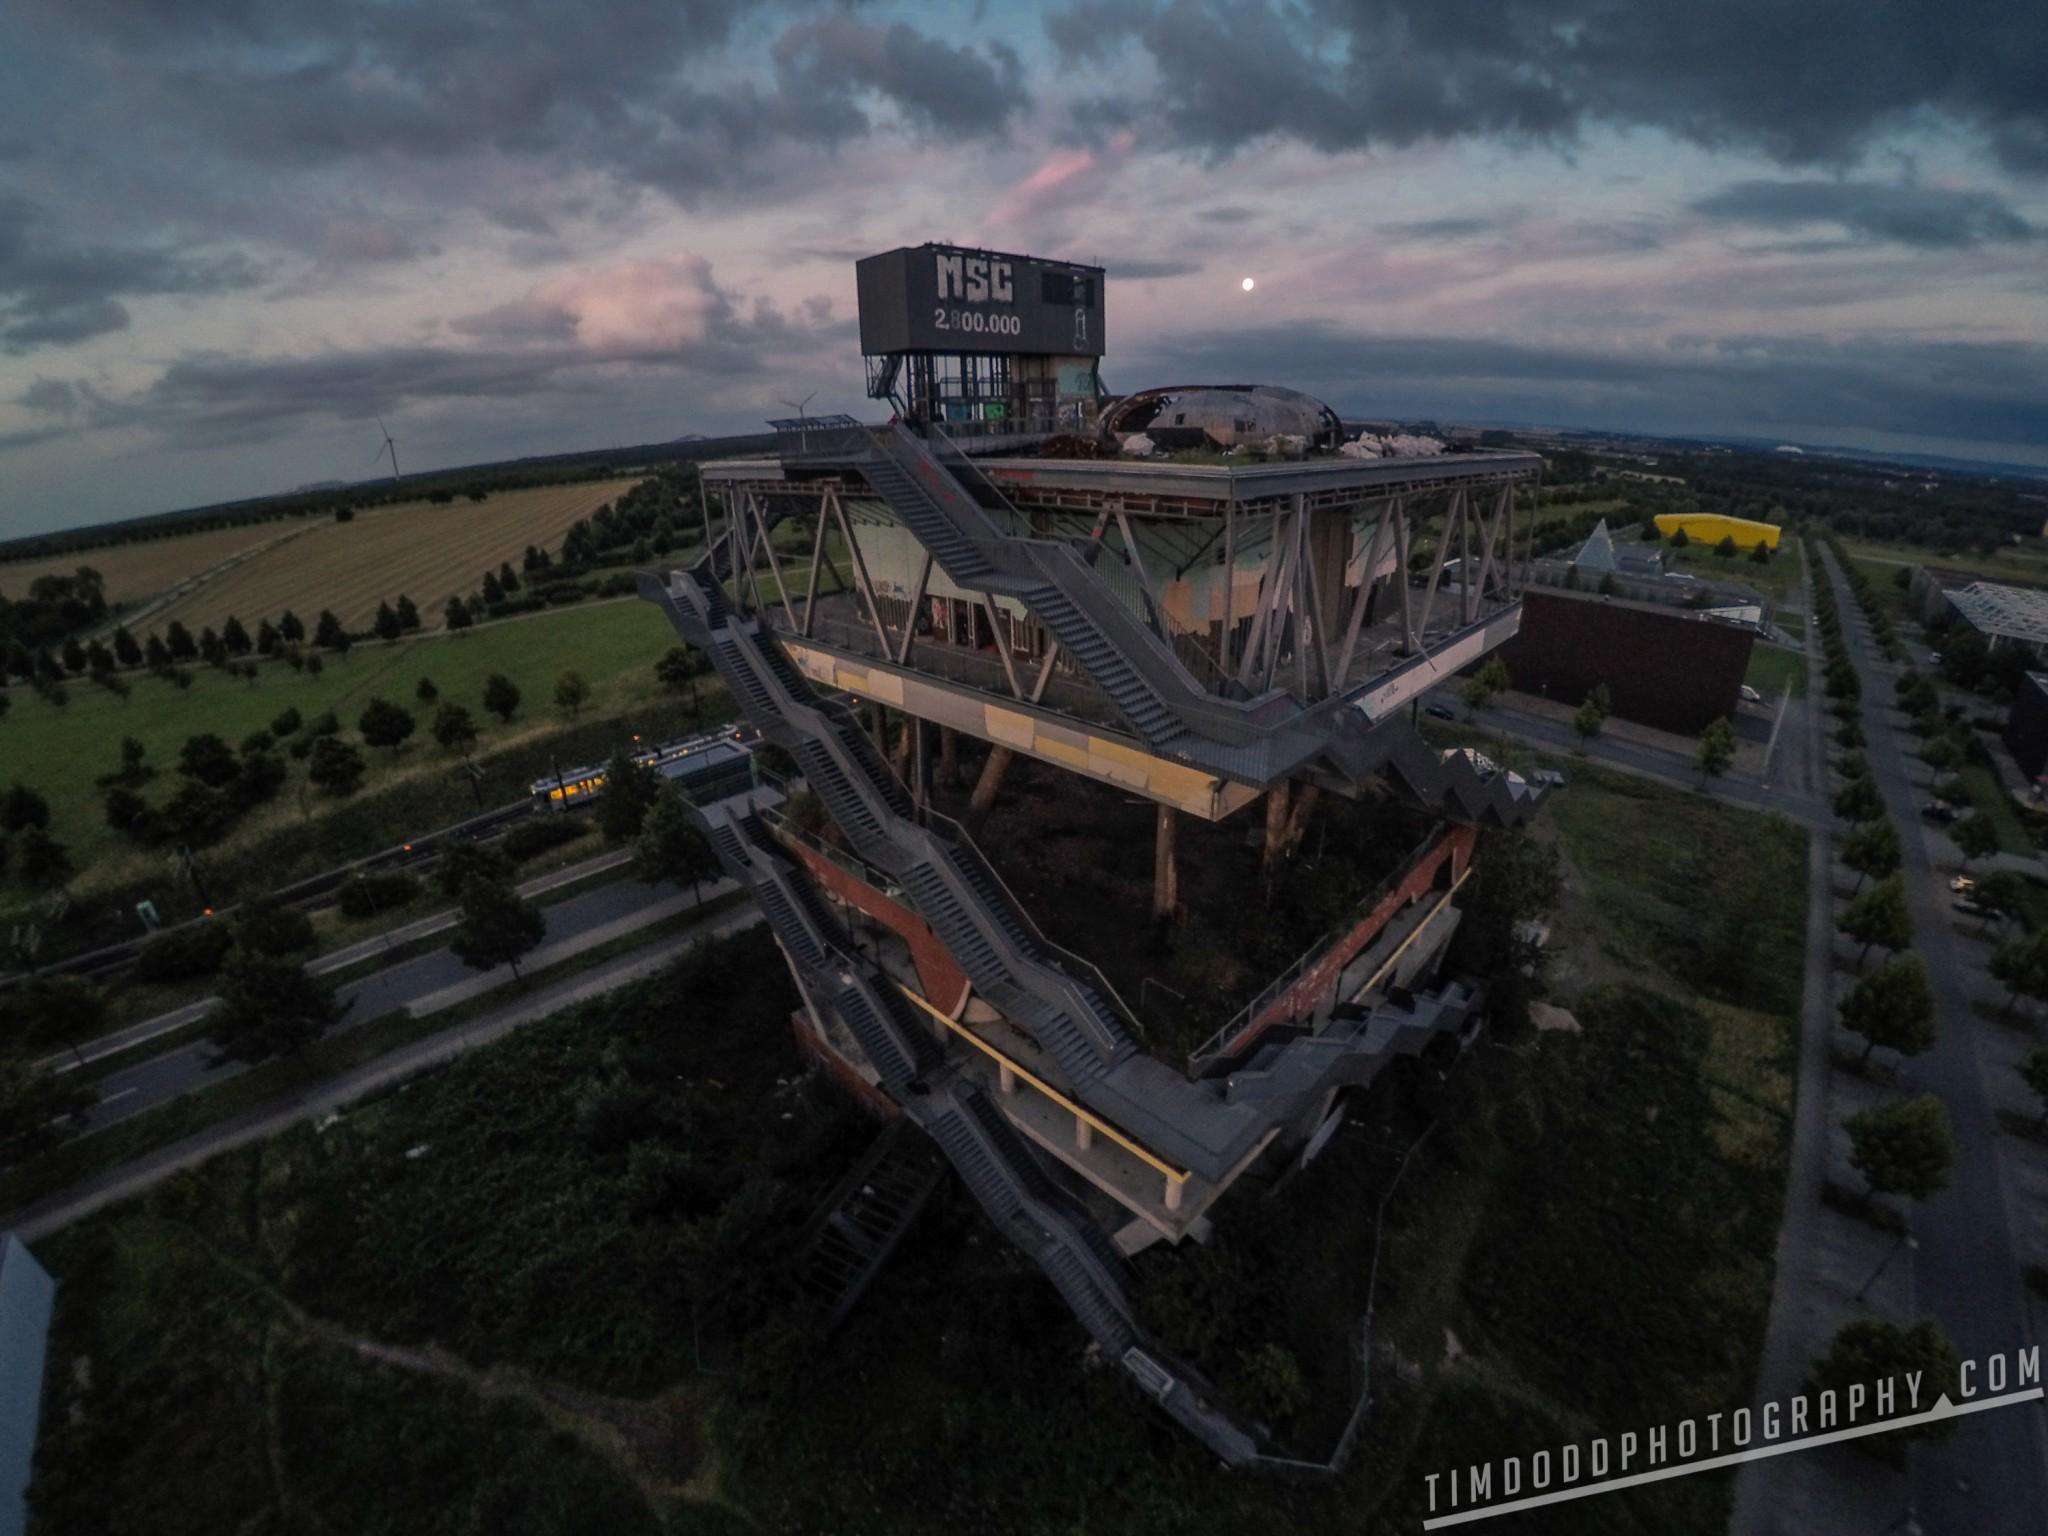 EXPO 2000 Hanover Germany aerial